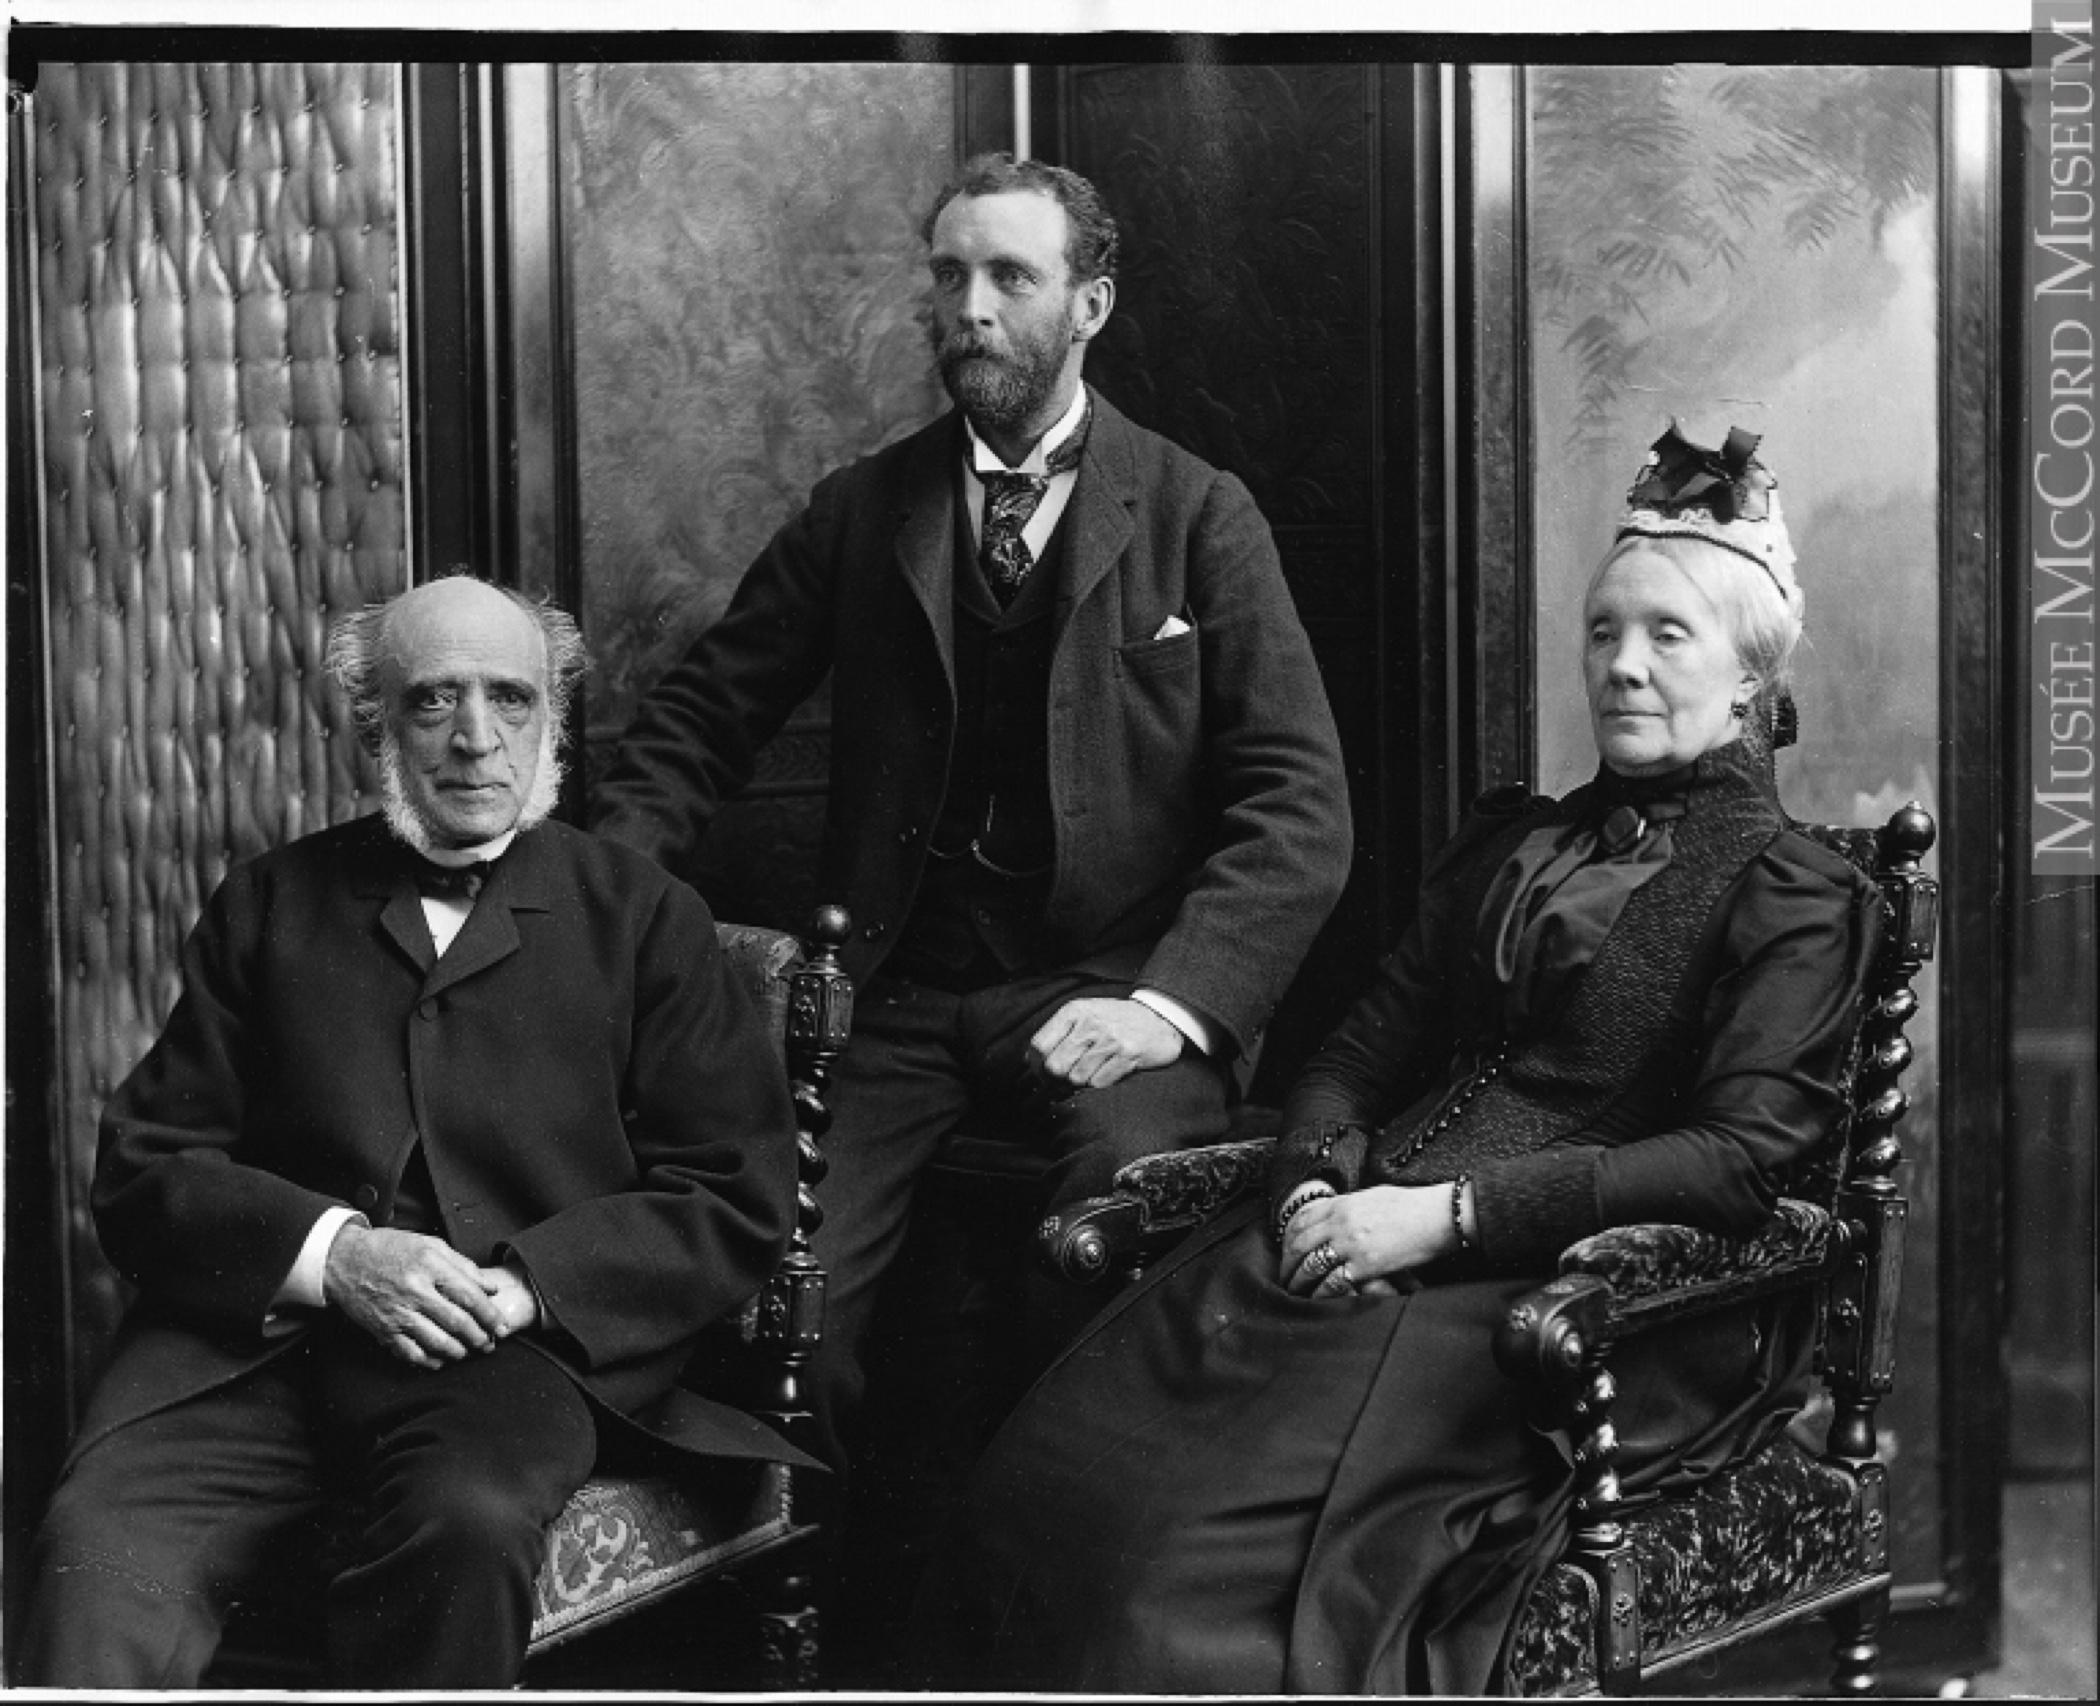 Photo officielle en noir et blanc de trois personnes (William C. Meredith, son épouse, Sofia Naters Holmes Meredith et leur fils, Henry Meredith); le couple (âgé) assis sur des chaises richement sculptées et leur fils assis derrière eux sur un tabouret.